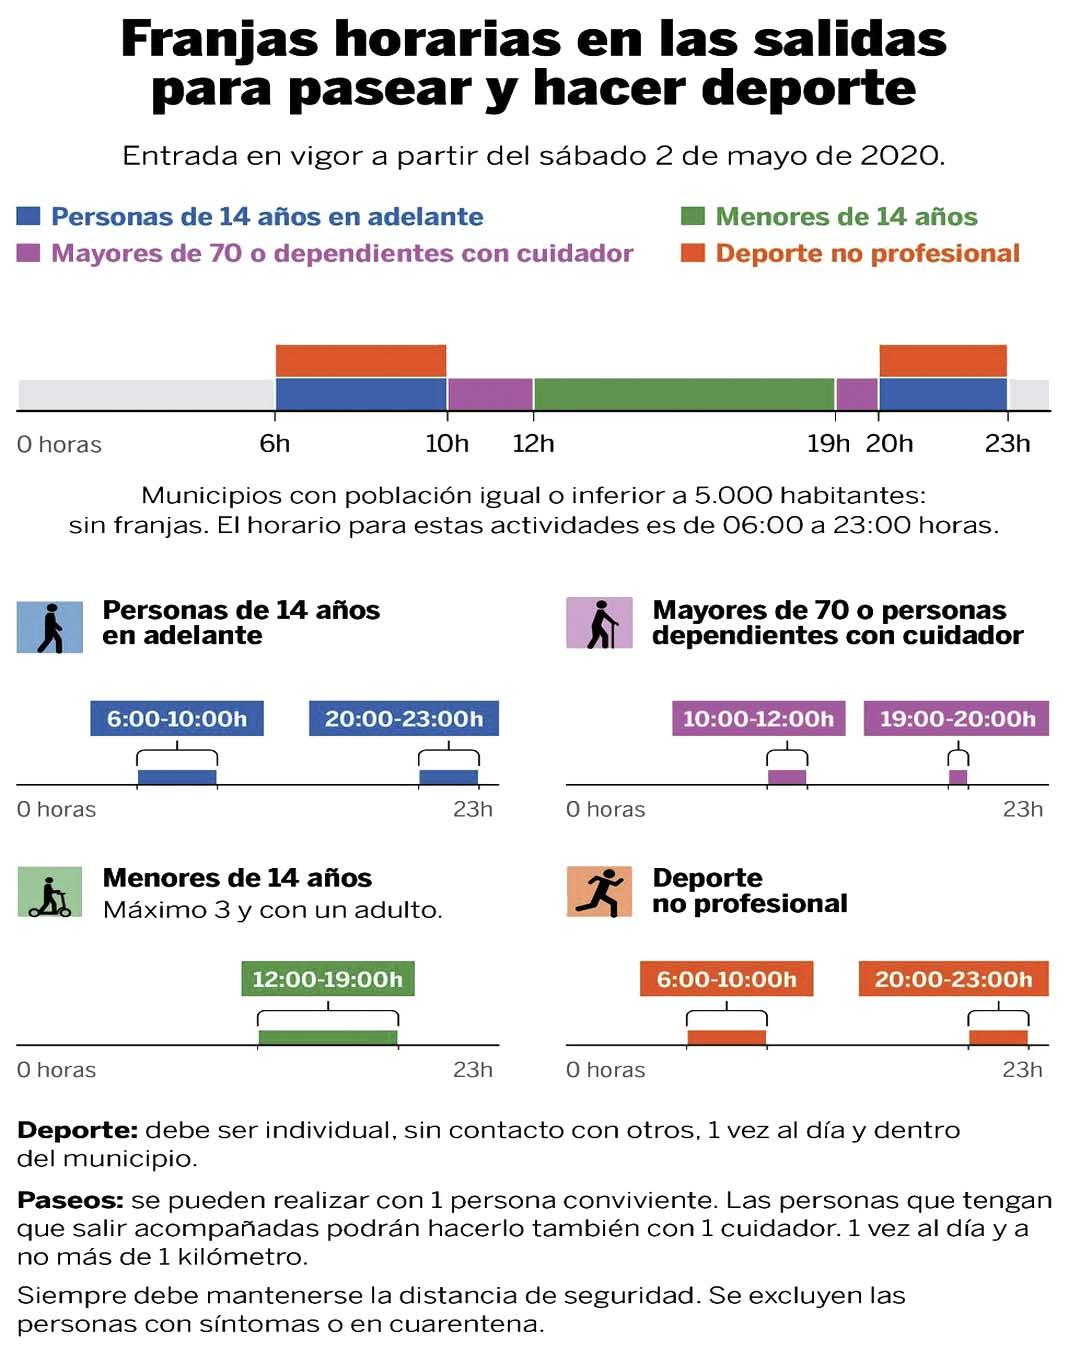 HORARIOS Y CONDICIONES DE LAS SALIDAS AL AIRE LIBRE A PARTIR DEL 2 DE MAYO 1